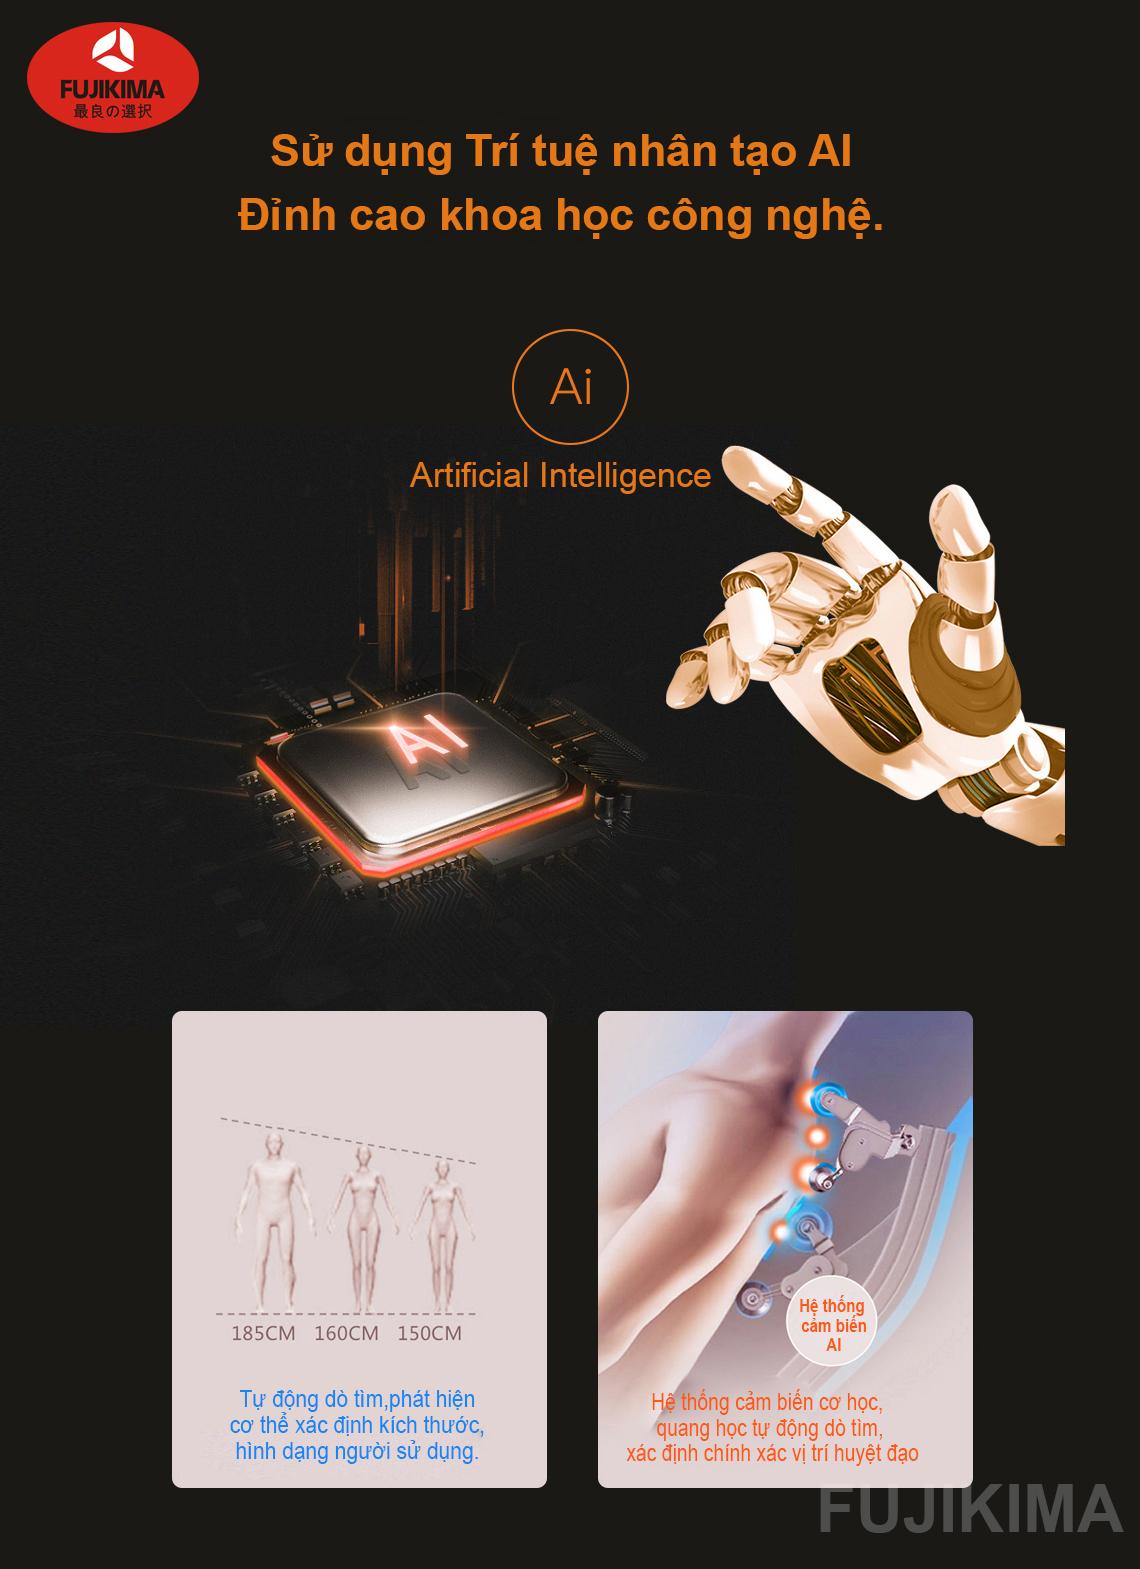 ghế massage toàn thân Fujikima Sky Pro FJ-A644 công nghệ AI